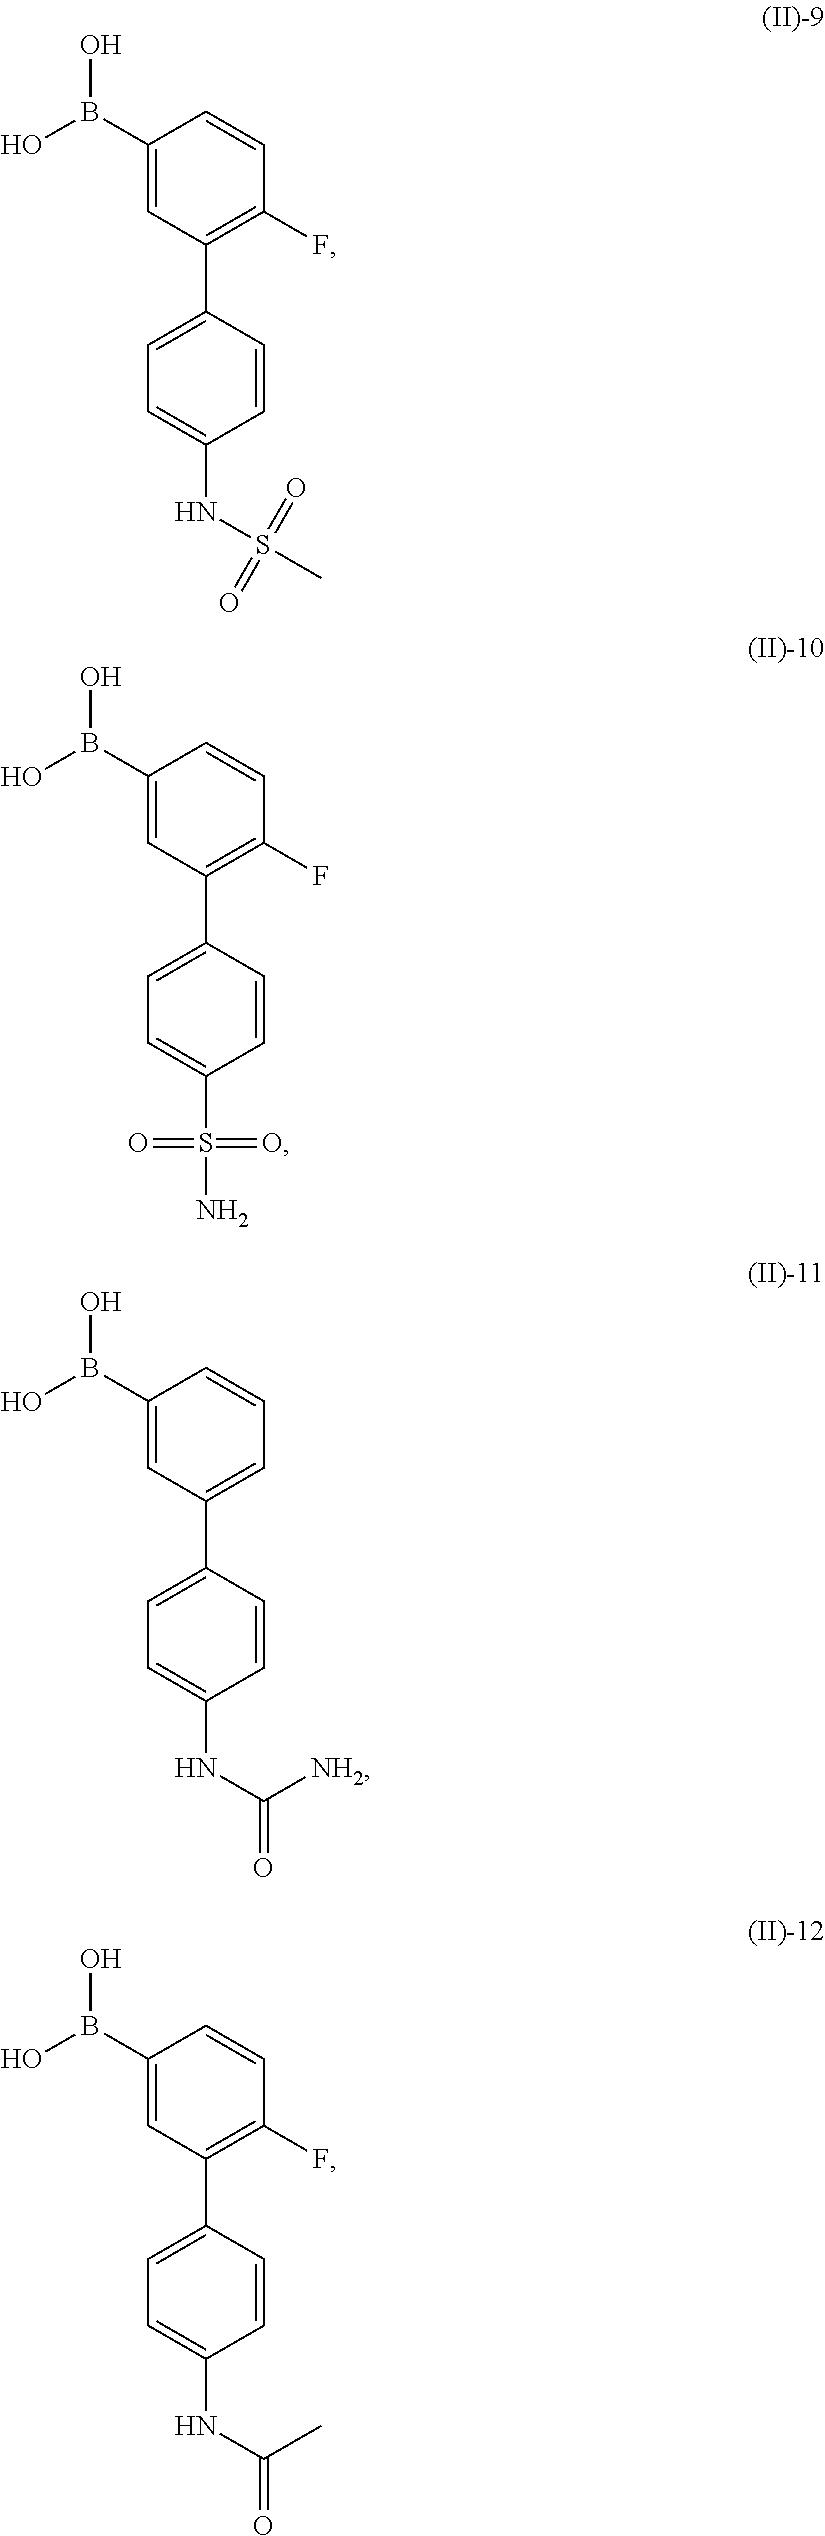 Figure US09630979-20170425-C00008